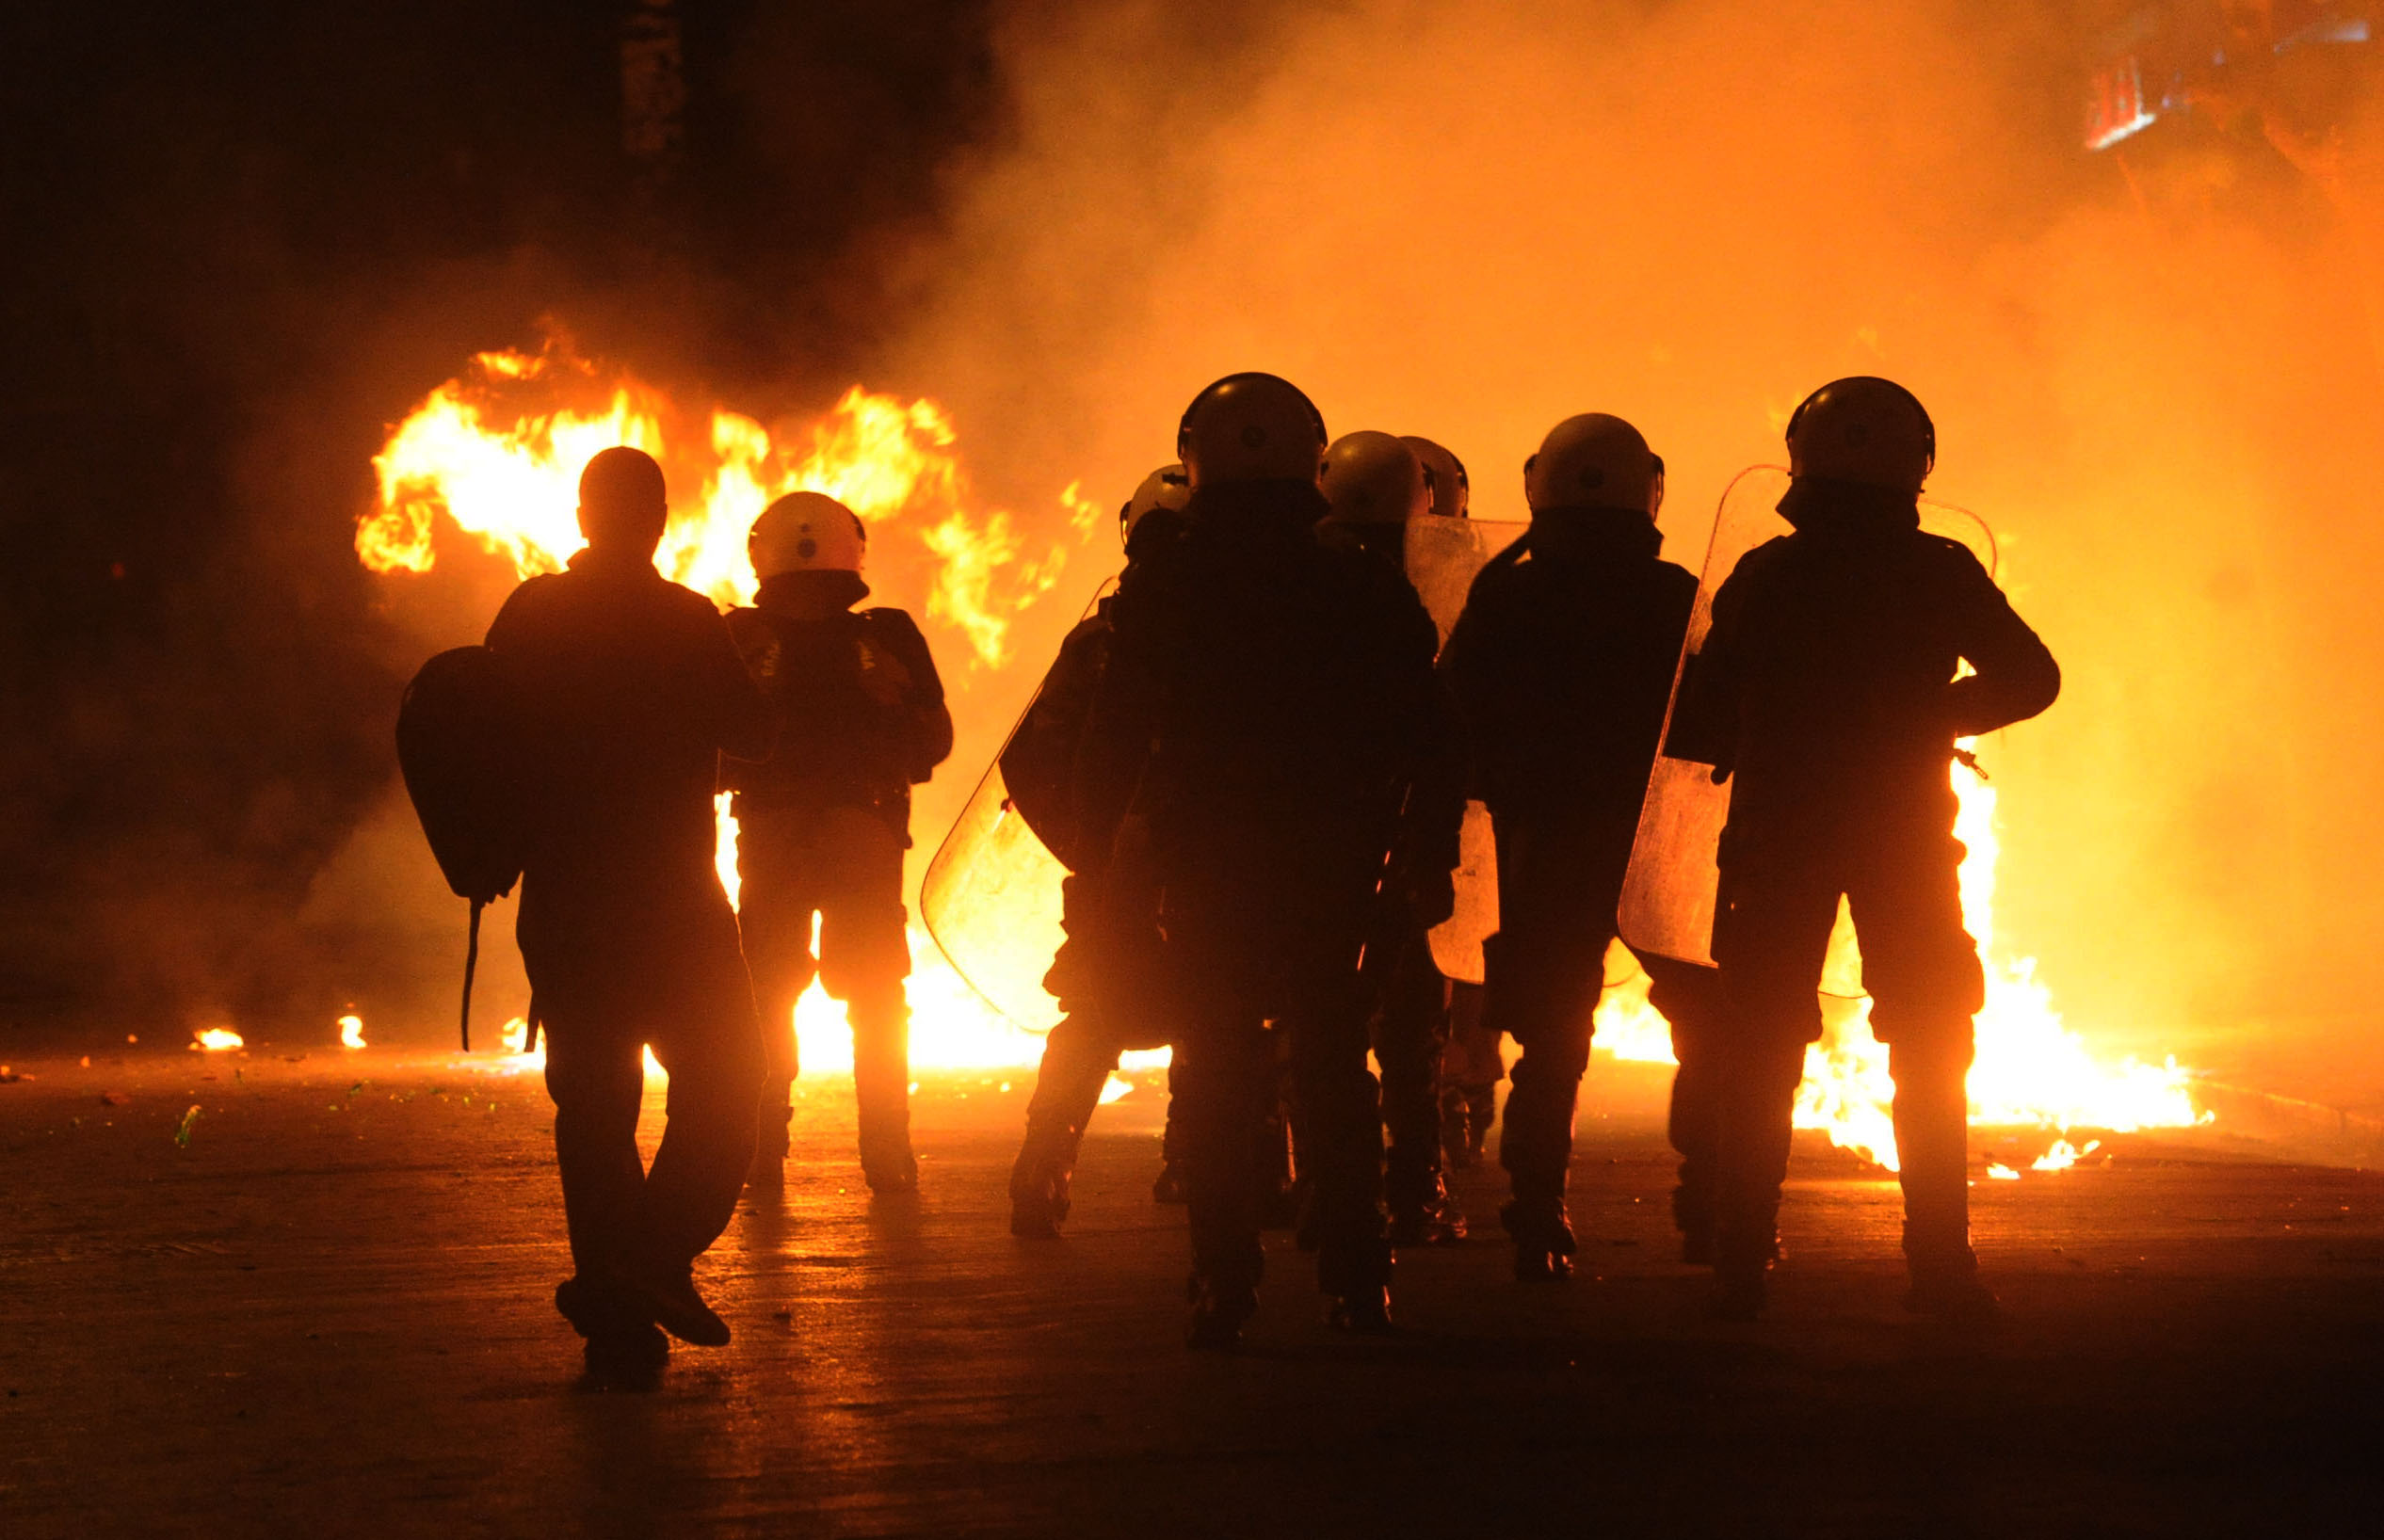 Αποτέλεσμα εικόνας για Εξάρχεια, Μολότοφ, Ι.Χ., Ταραχές